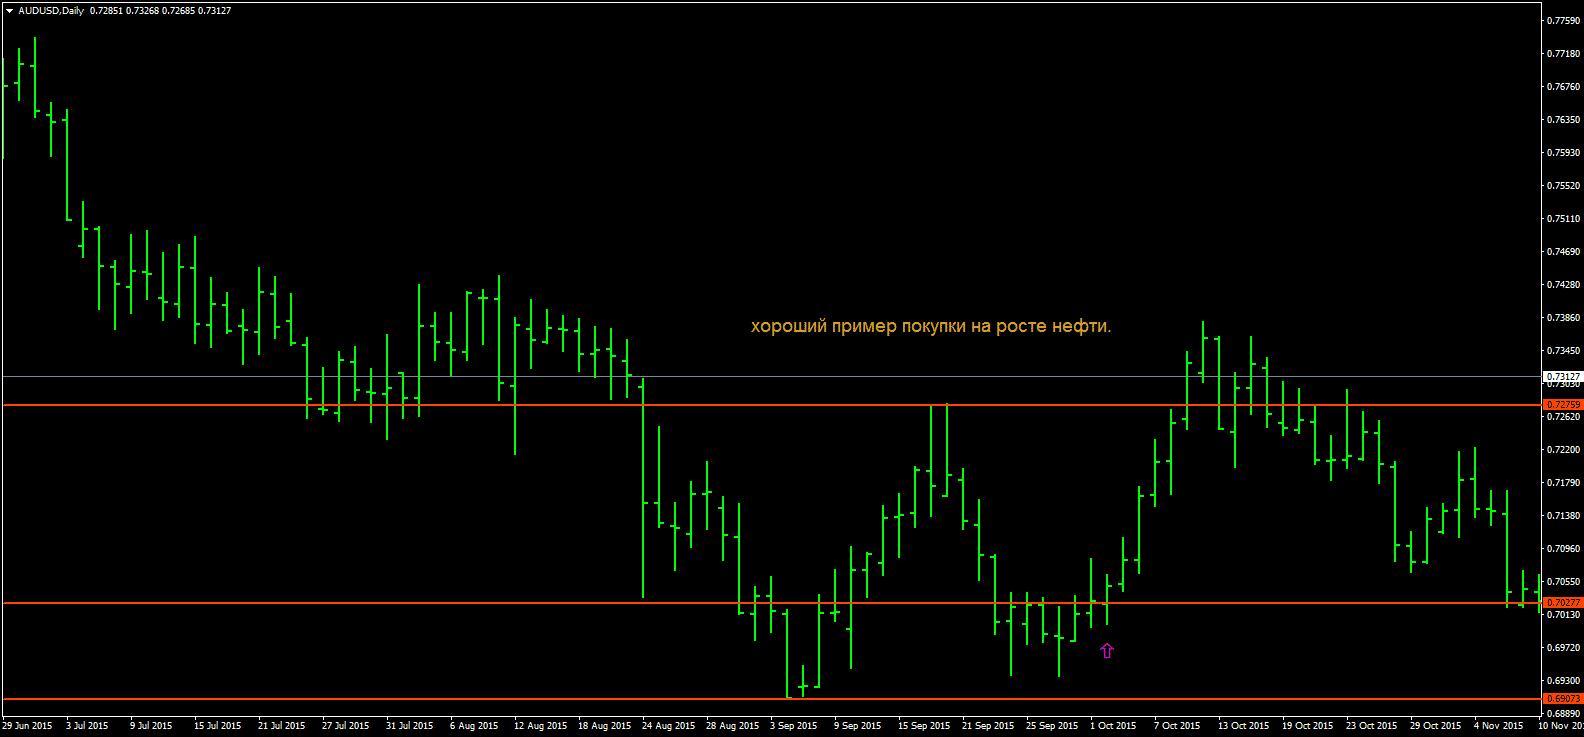 Торговая стратегия форекс алгоритм регуляция рынка форекс